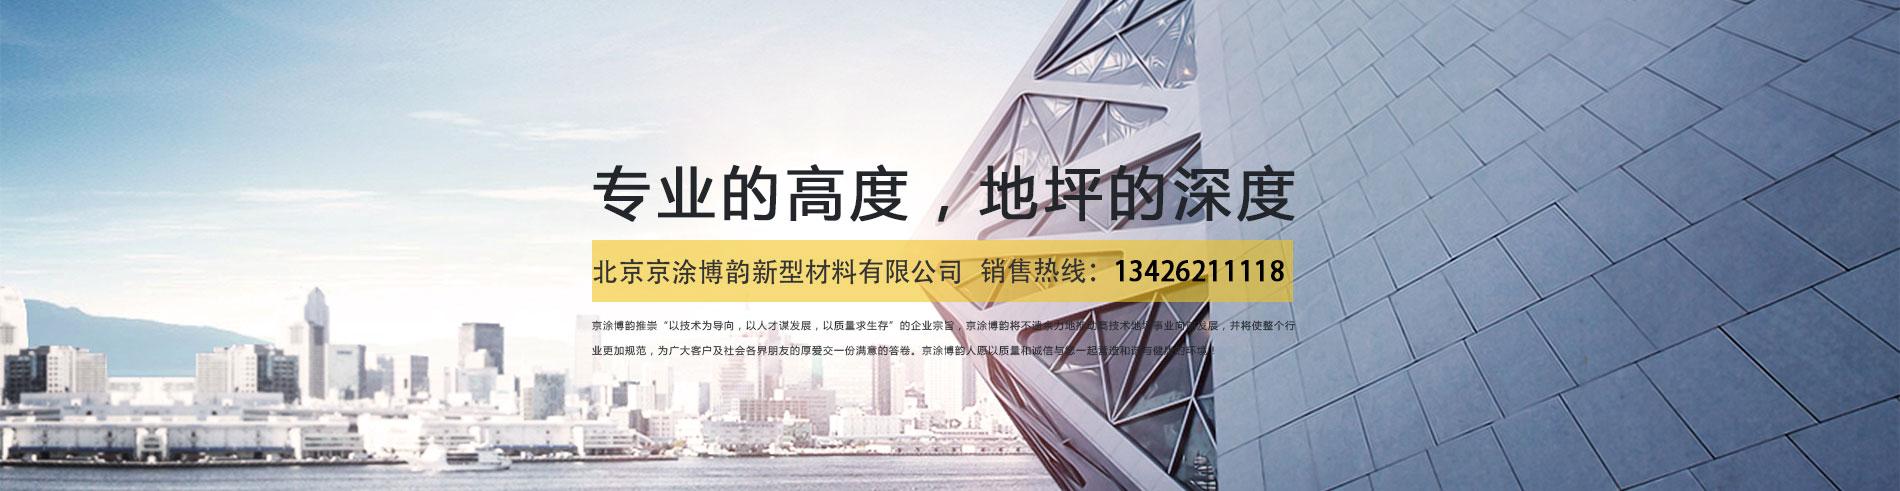 北京京涂博韻新型材料有限公司